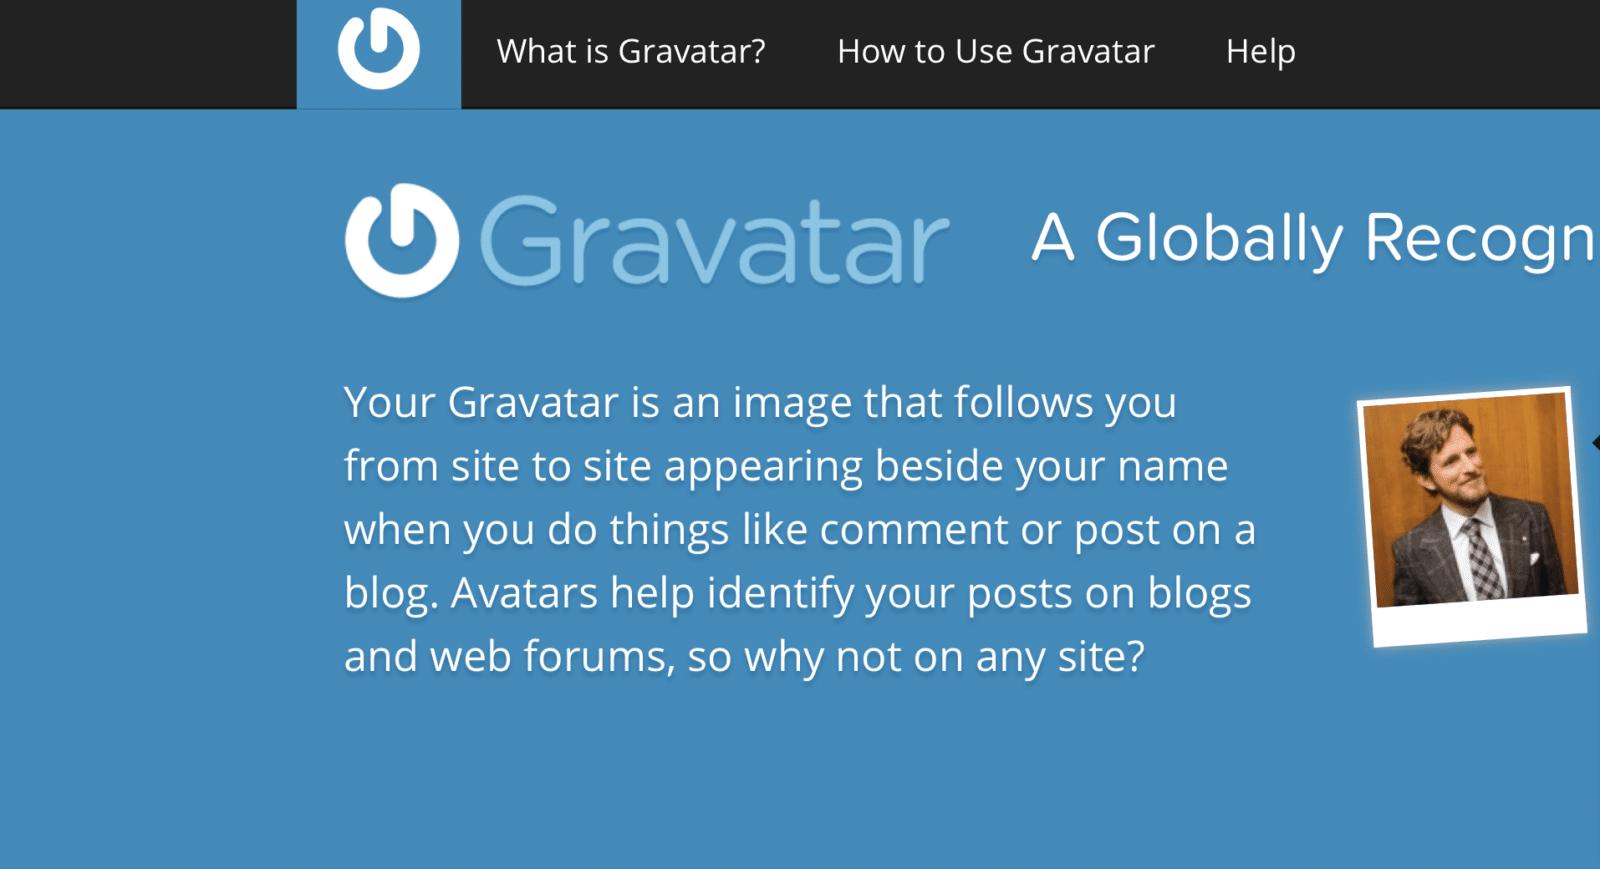 สอนตั้งรูปโปรไฟล์ WordPress ด้วย Gravatar + วิธีไม่ใช้ Gravatar